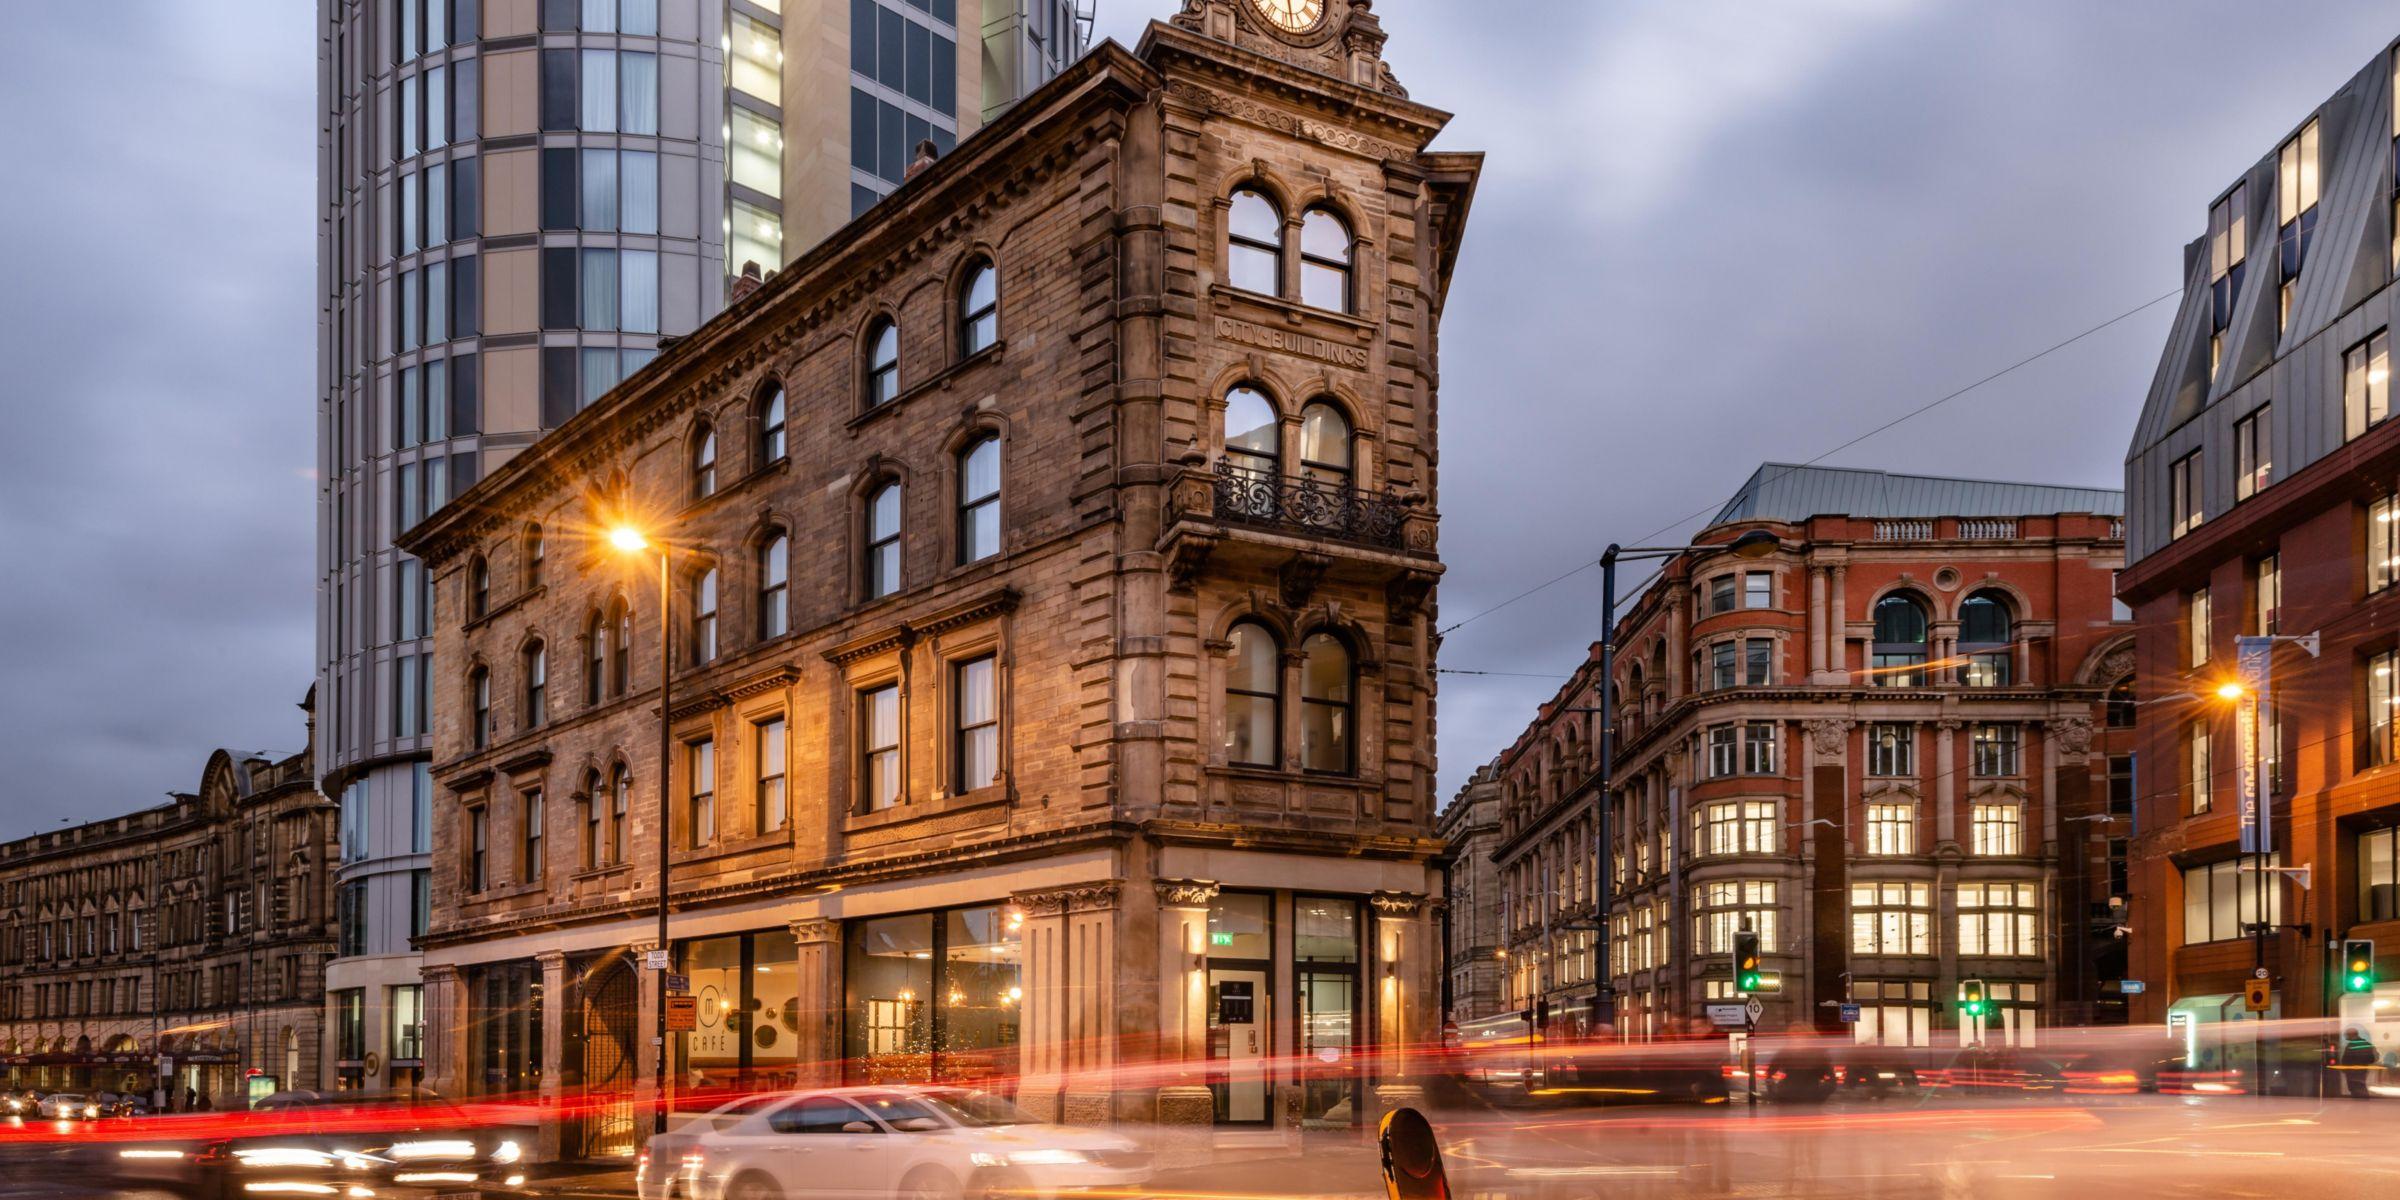 Hotel Indigo Manchester Victoria Station